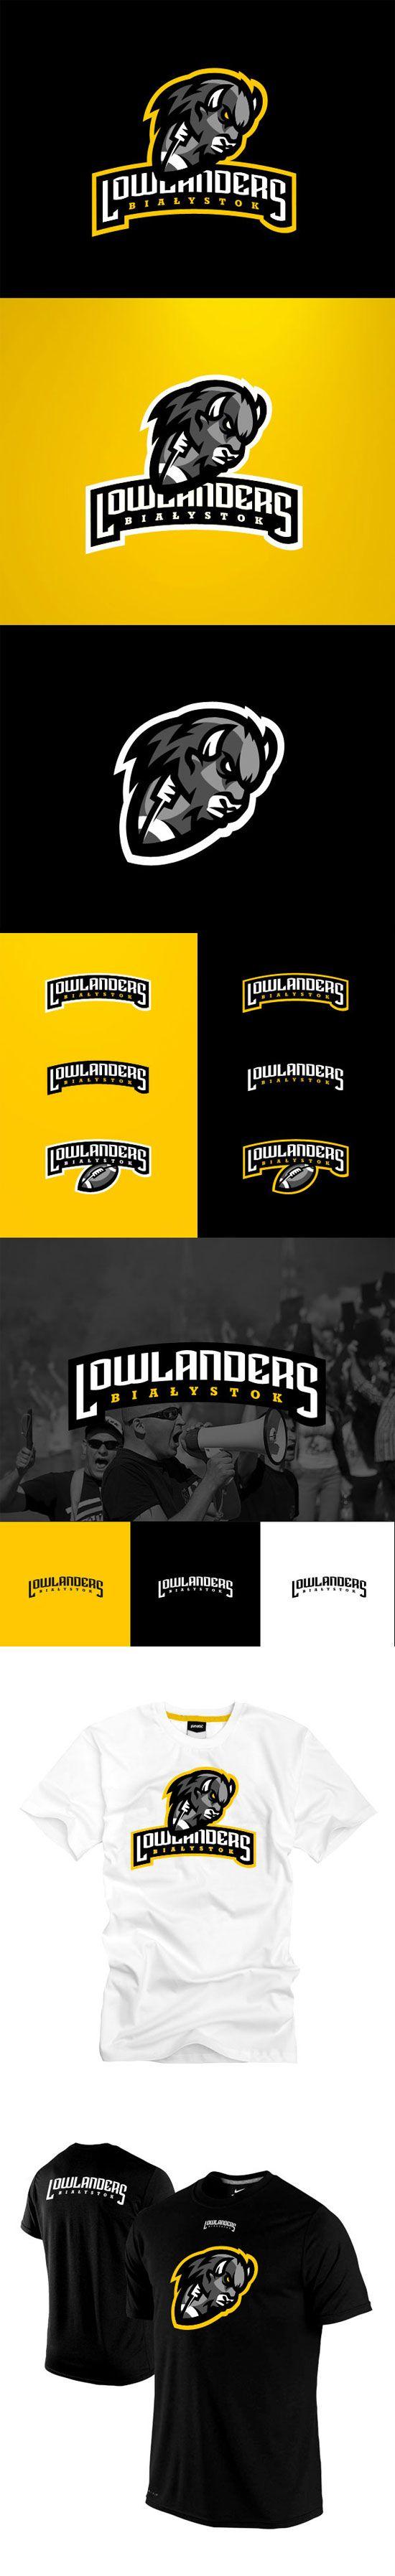 """""""Lowlanders Bialystok"""" - Awesome Sports Logo Designs by Kamil Doliwa   iBrandStudio"""